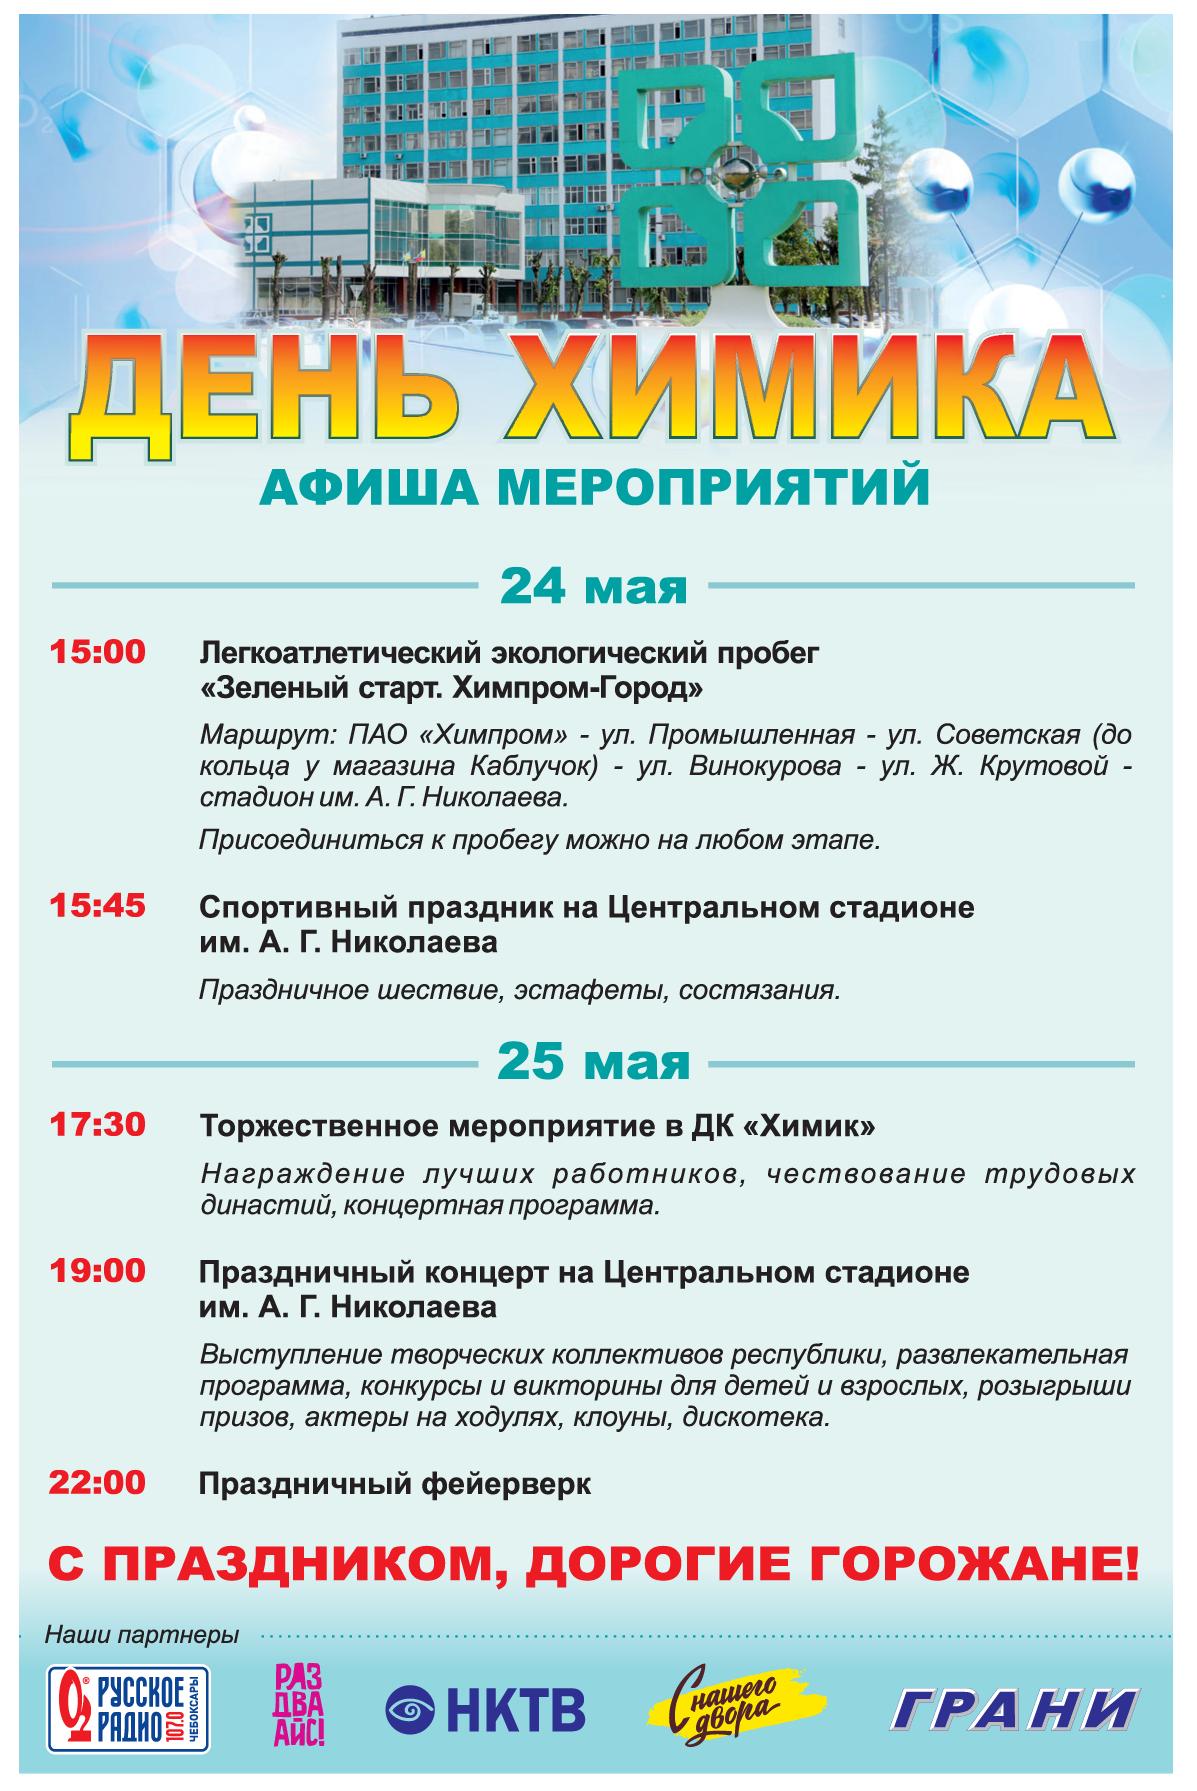 День химика-2018 (программа)